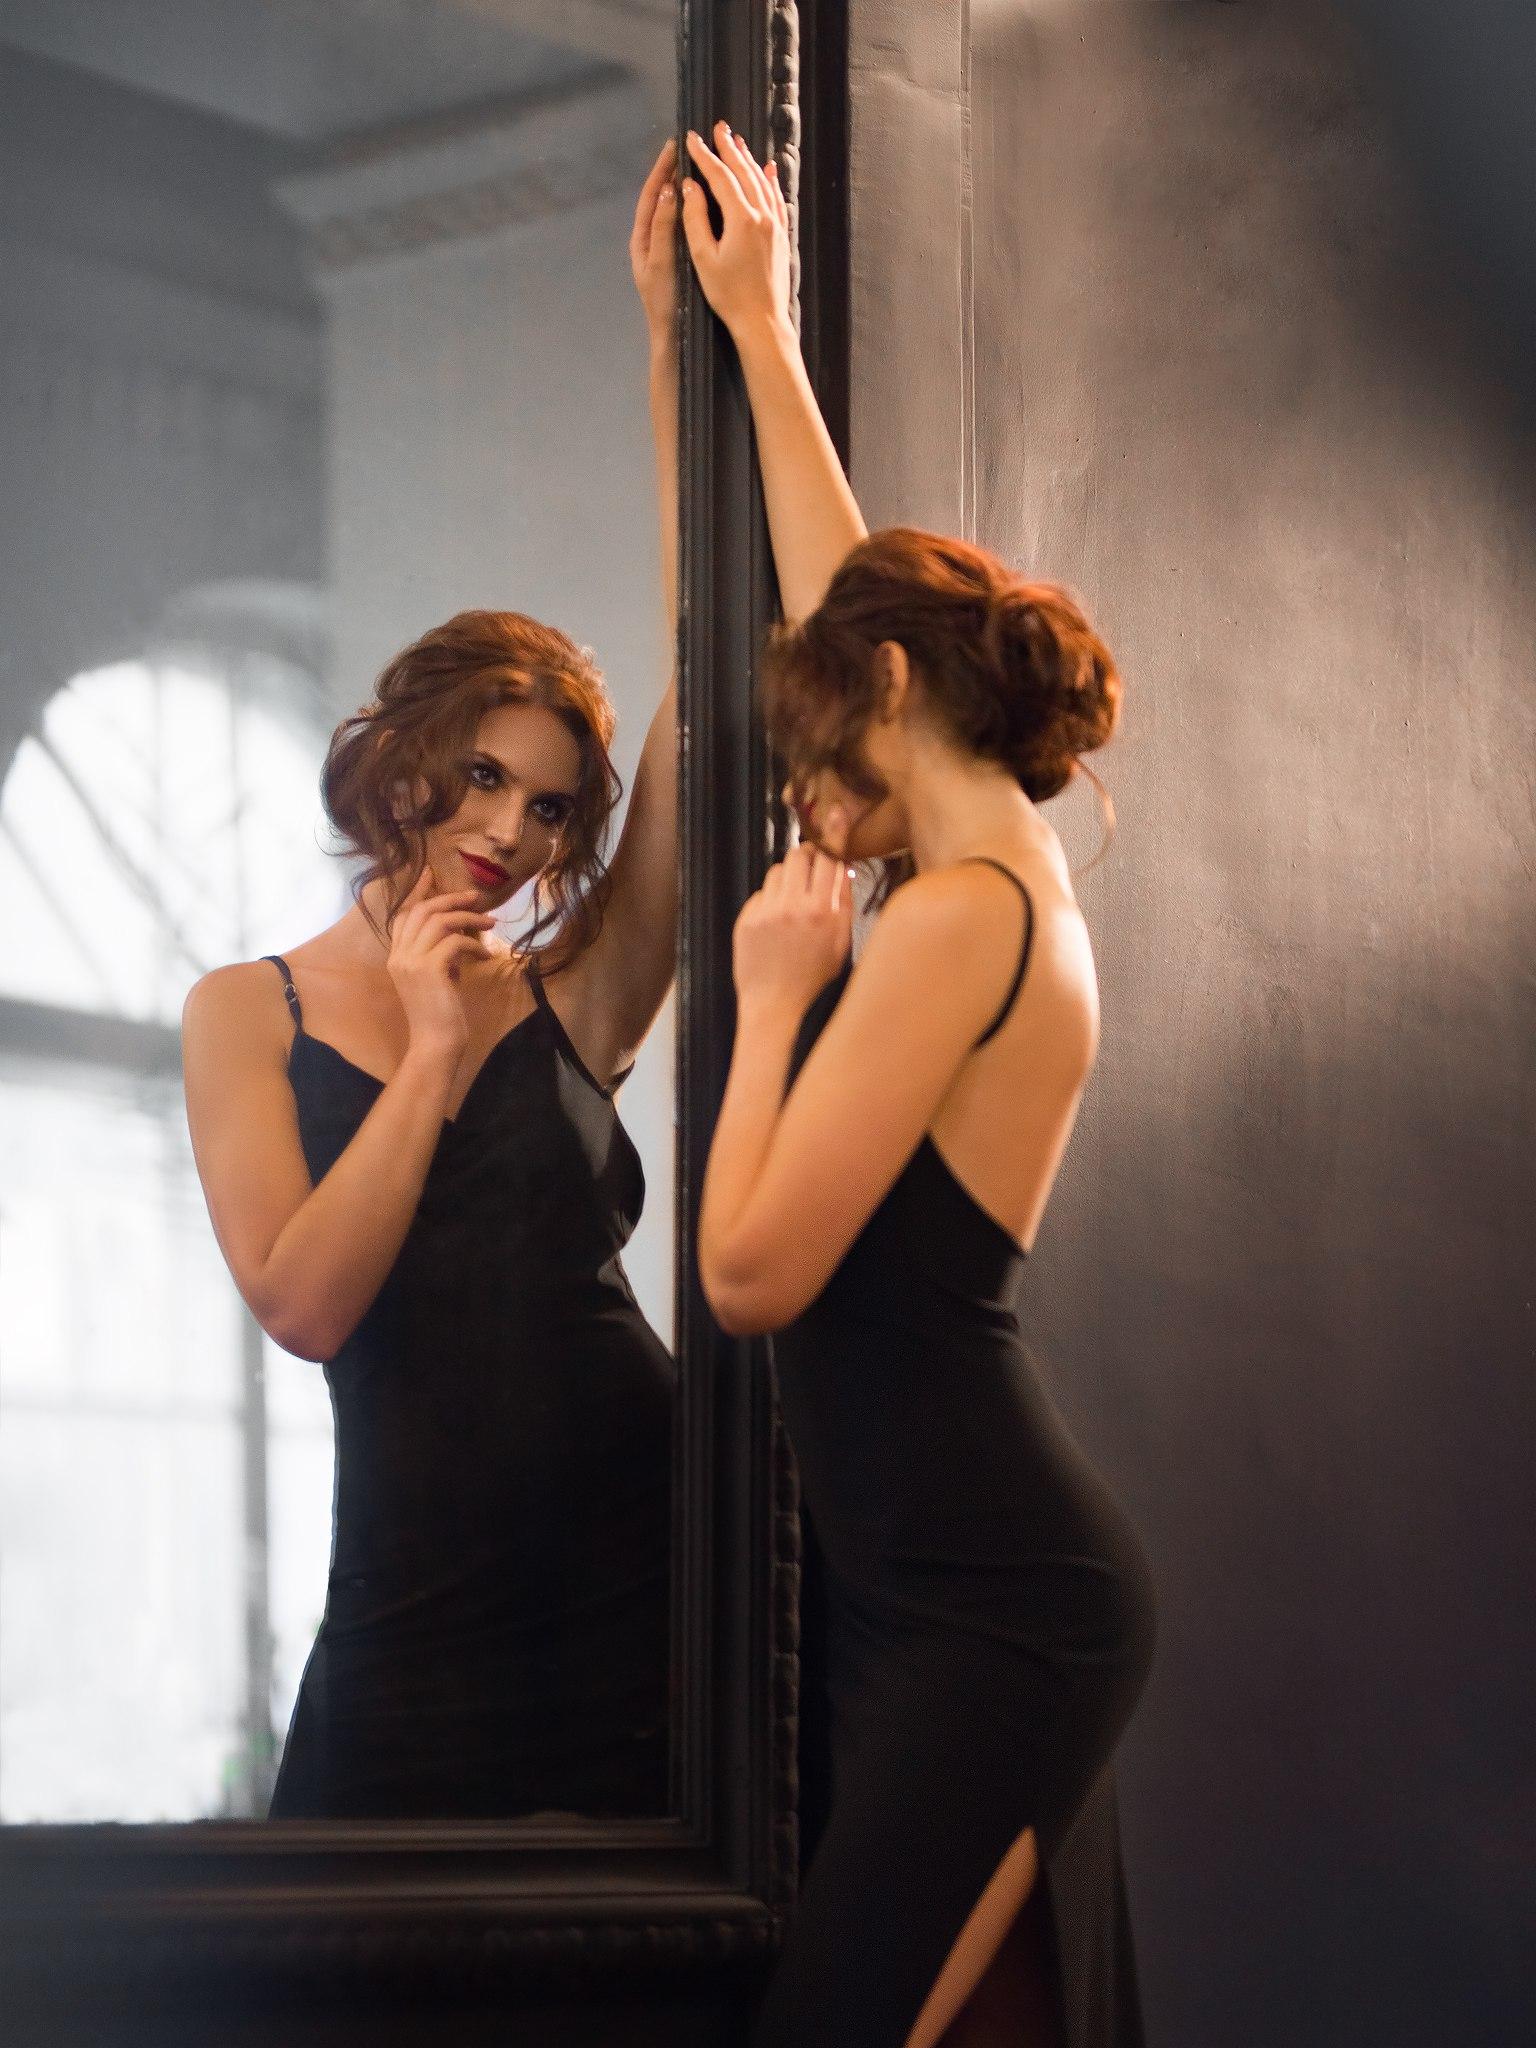 Как сделать фото через зеркало надо учитывать